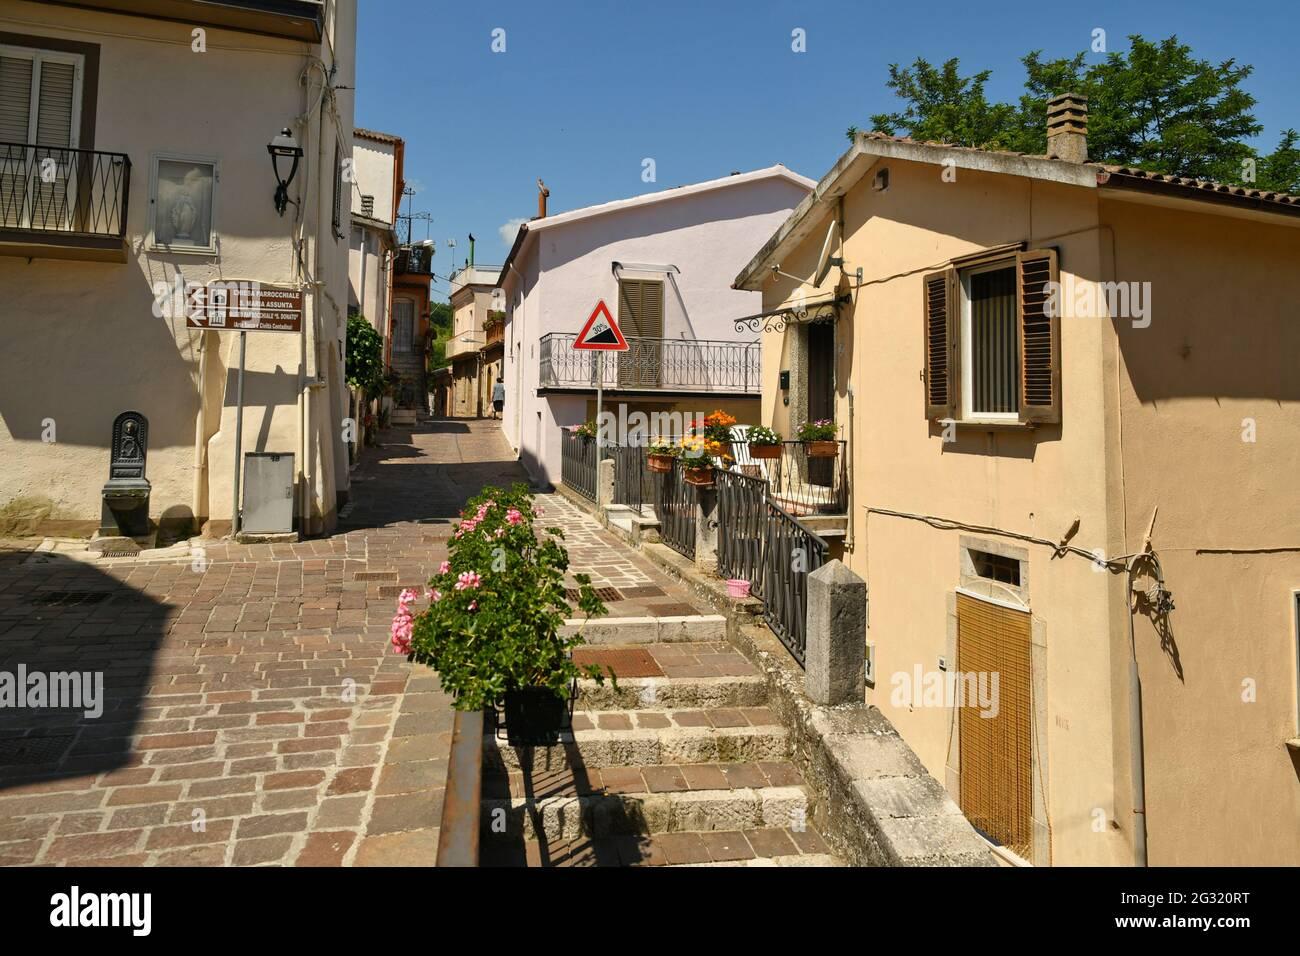 Ruvo del Monte, Italien, 06/12/2021. Eine kleine Straße zwischen den alten Häusern eines mittelalterlichen Dorfes in der Region Basilicata. Stockfoto